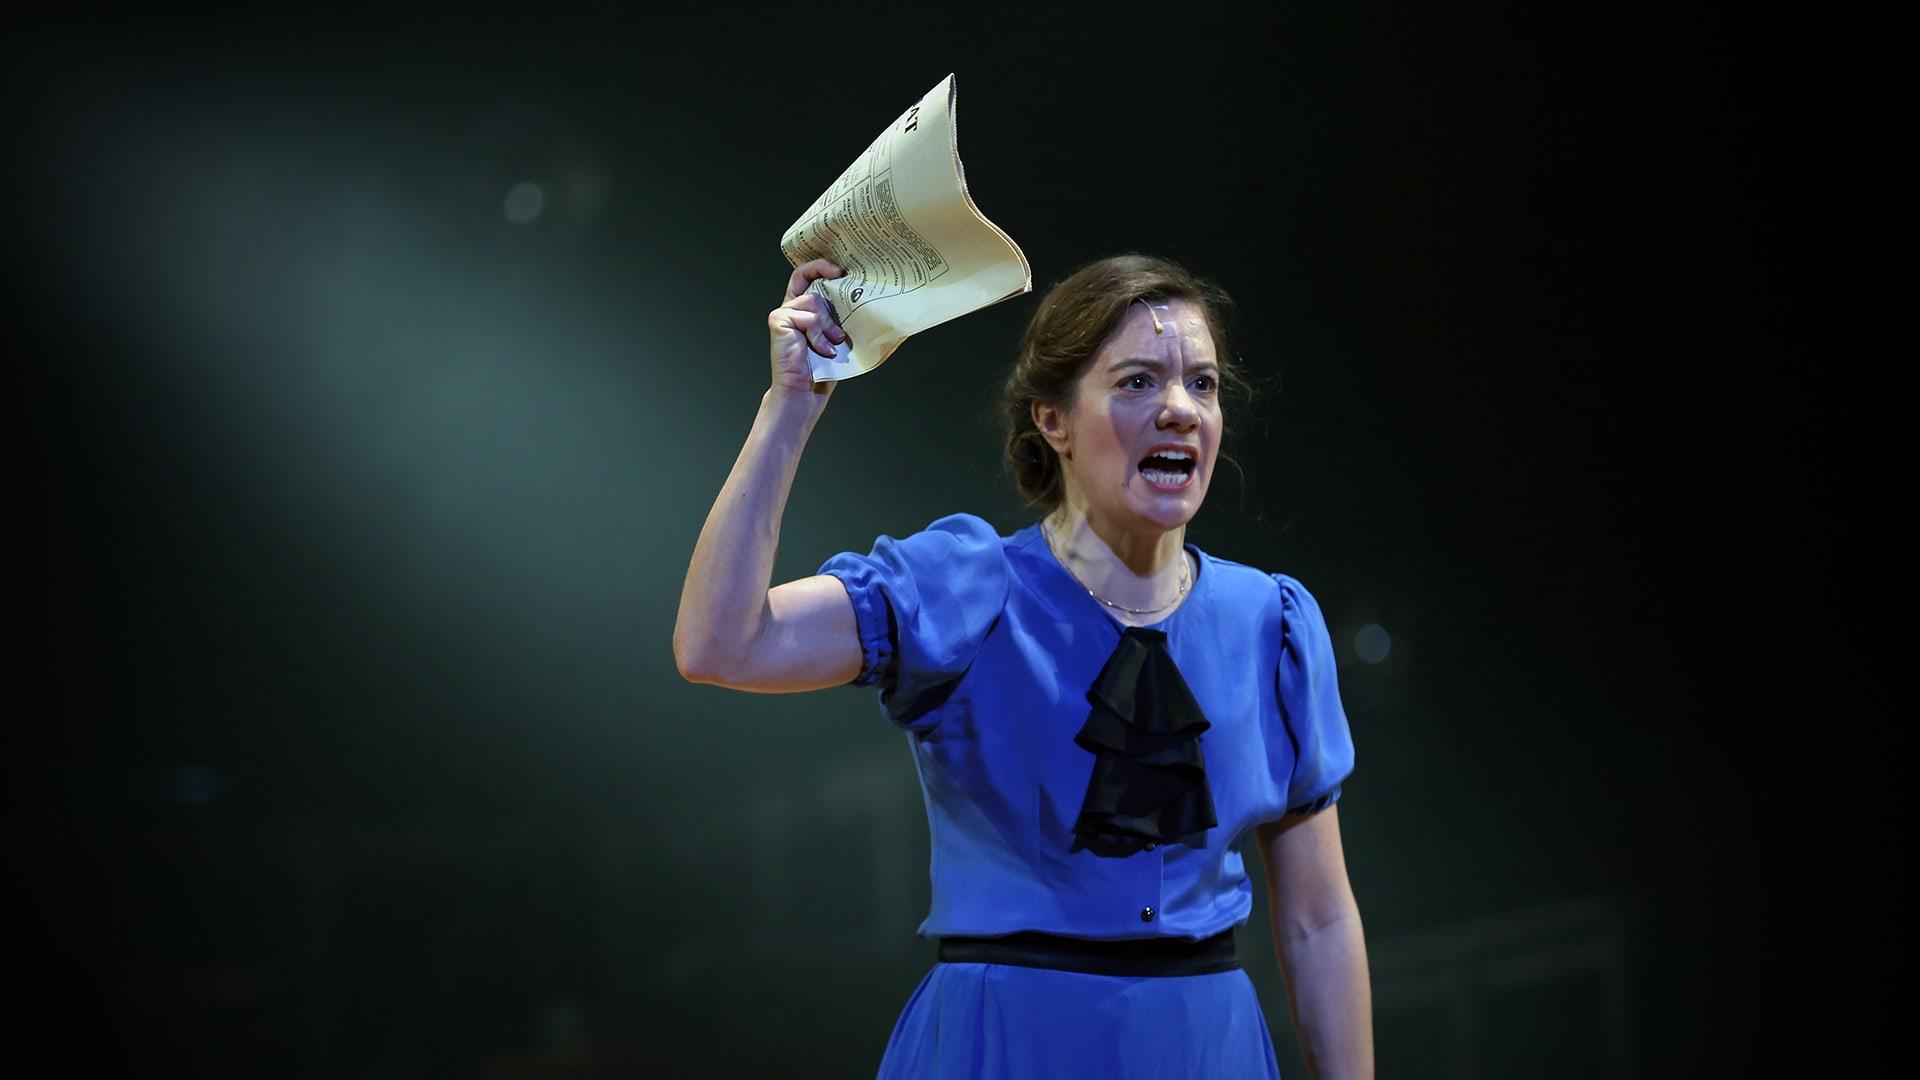 Minna Canthia esittävä Cécile Orblin julistaa lavalla.